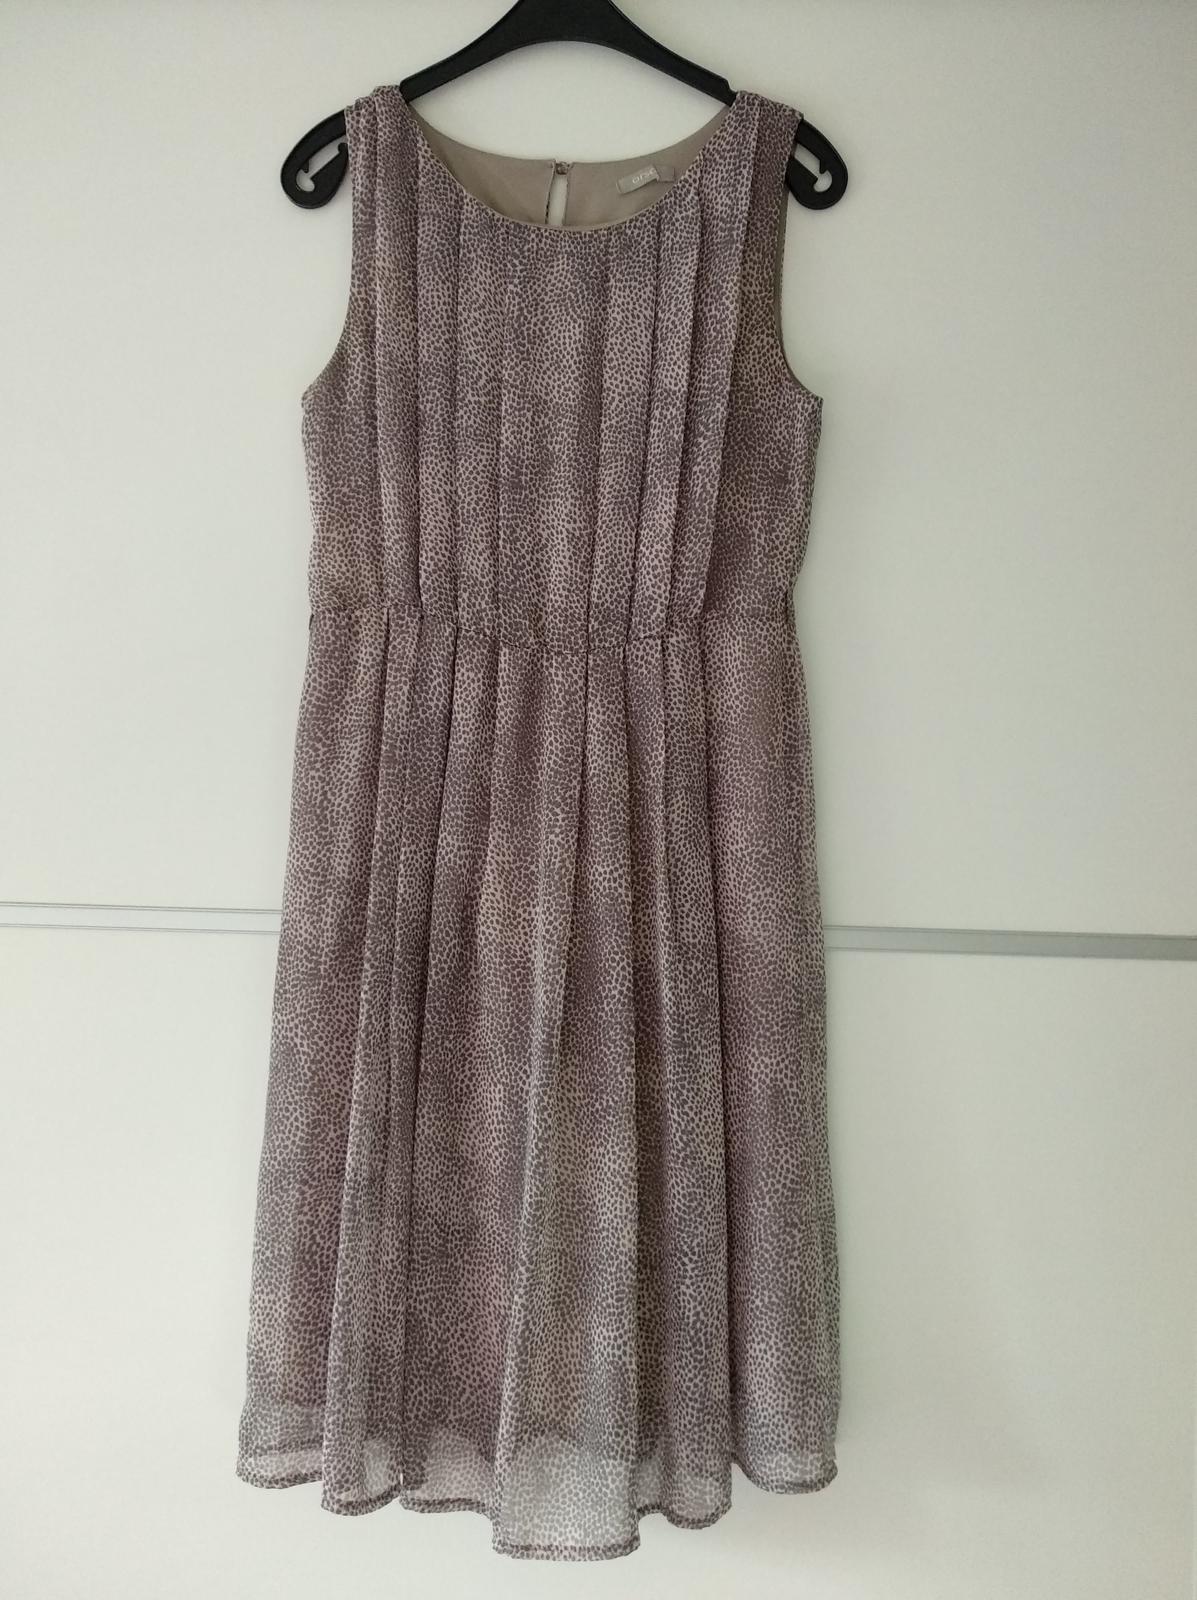 Zajímavé šaty - Obrázek č. 1